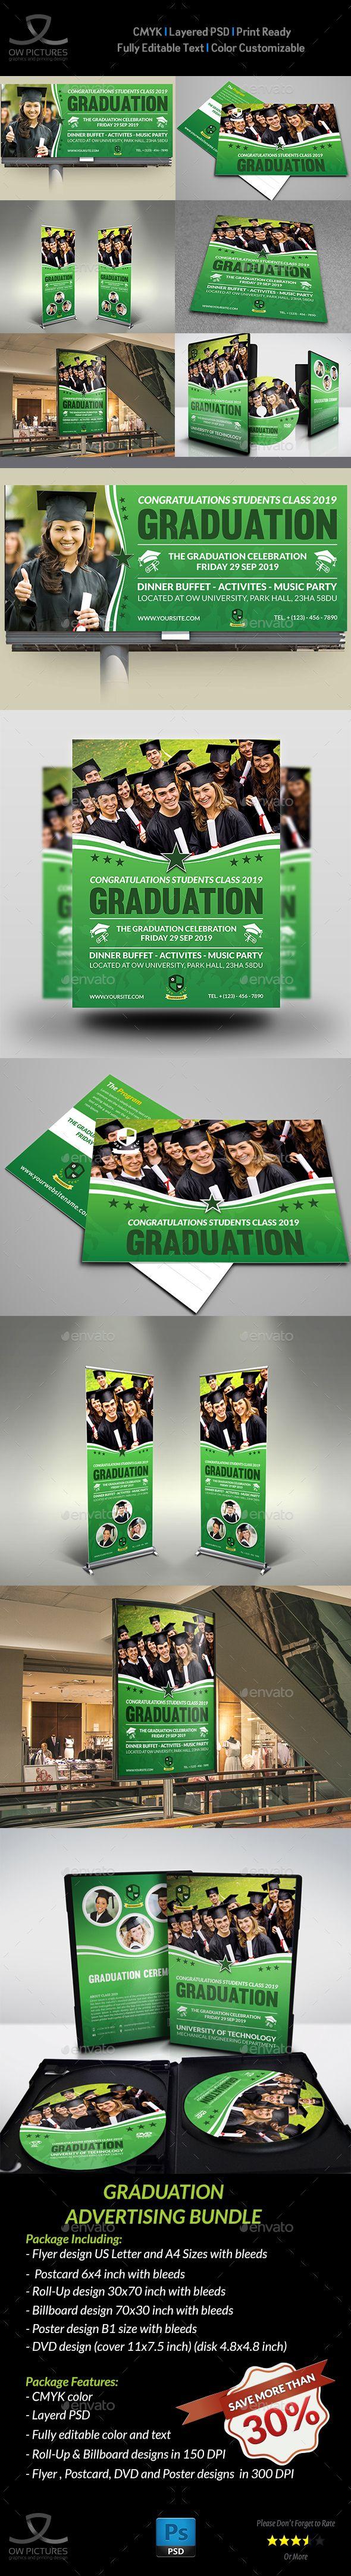 Poster design description - Graduation Advertising Bundle